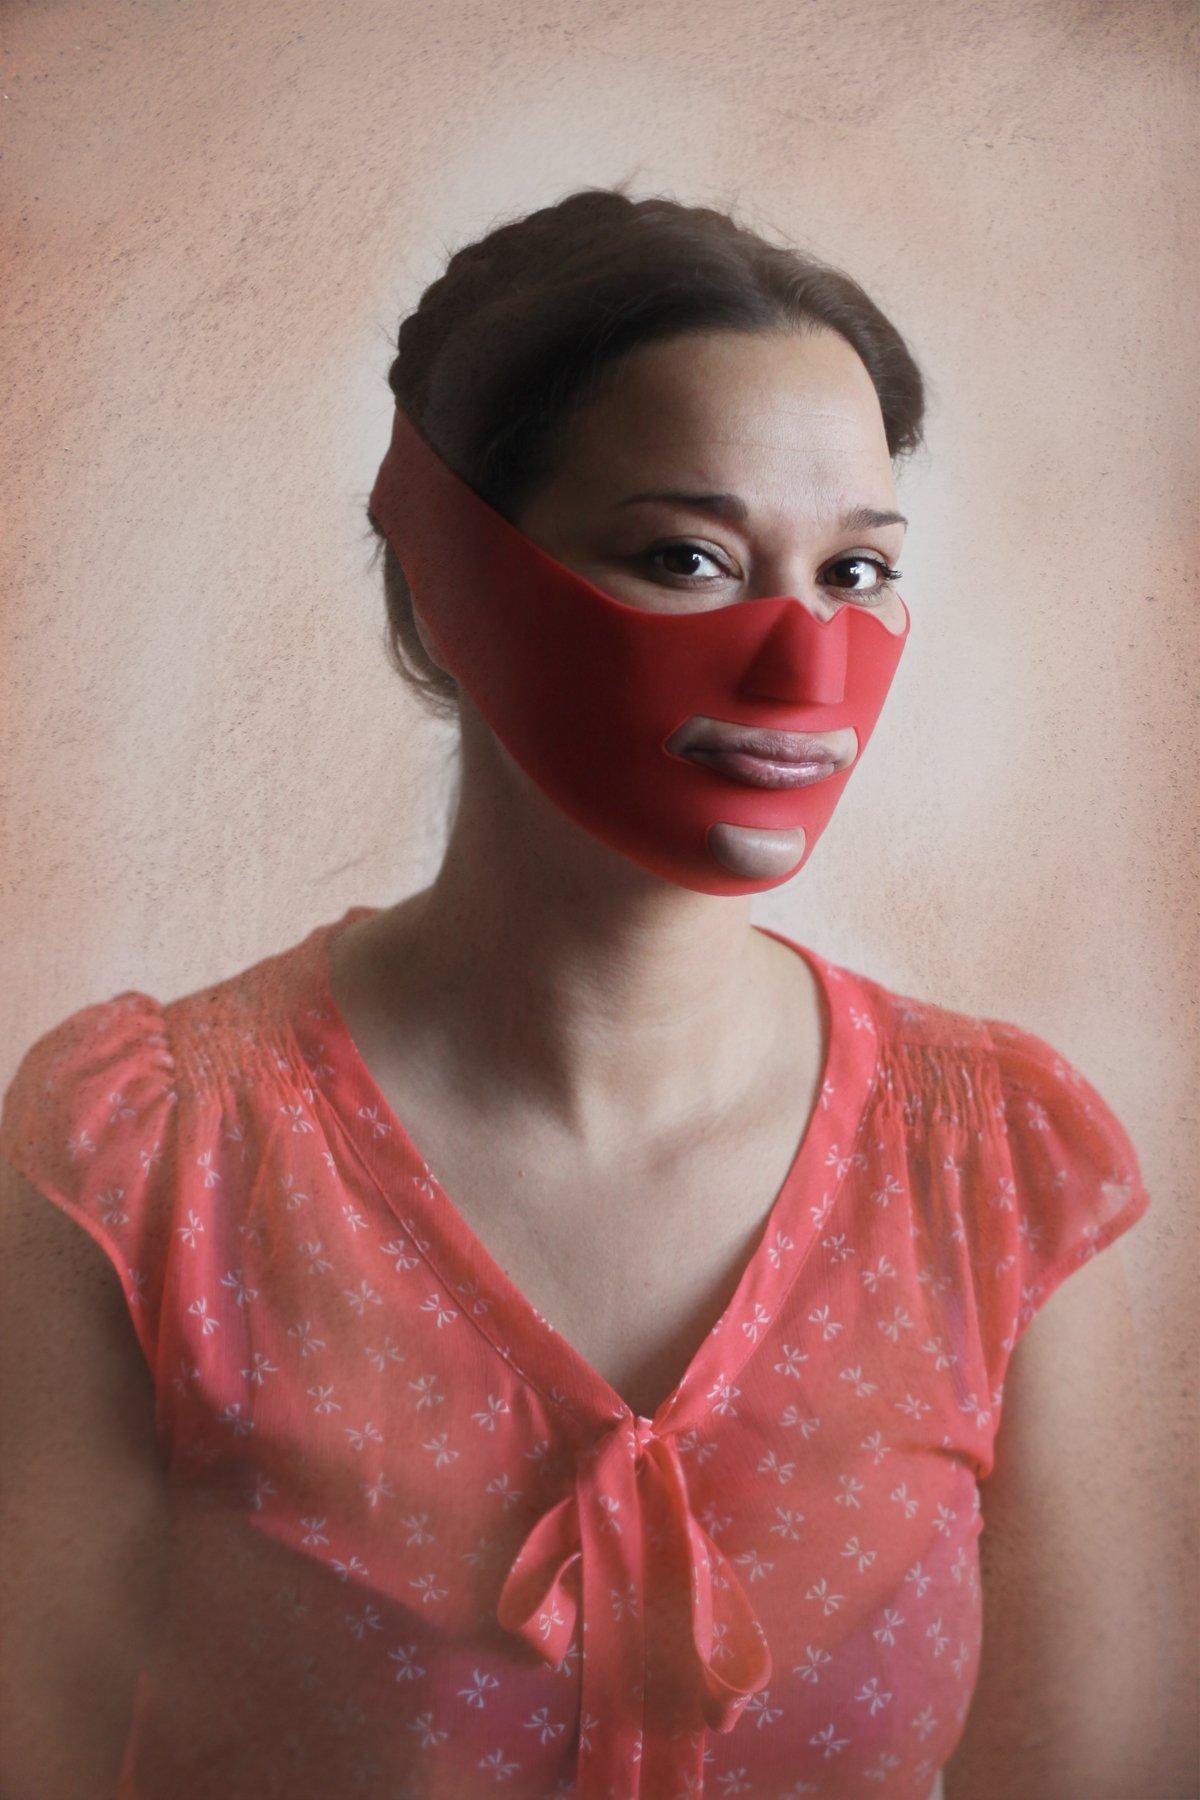 """14 fotos perturbadoras mostram as coisas bizarras que uma mulher usa para ficar """"linda"""" 03"""